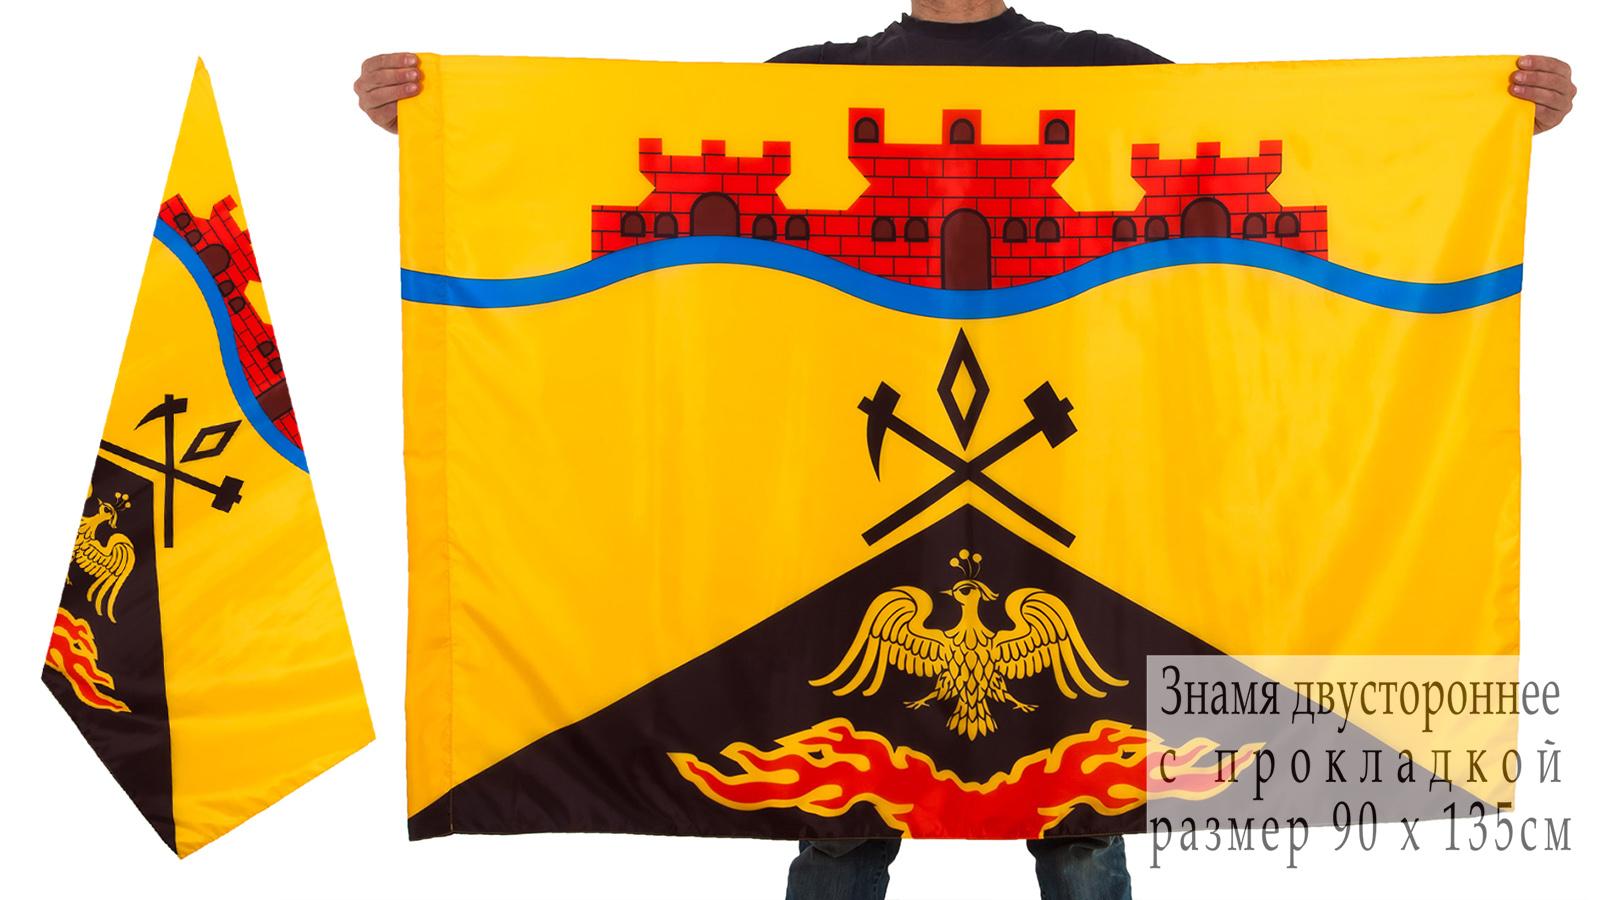 Двухсторонний флаг Шахт